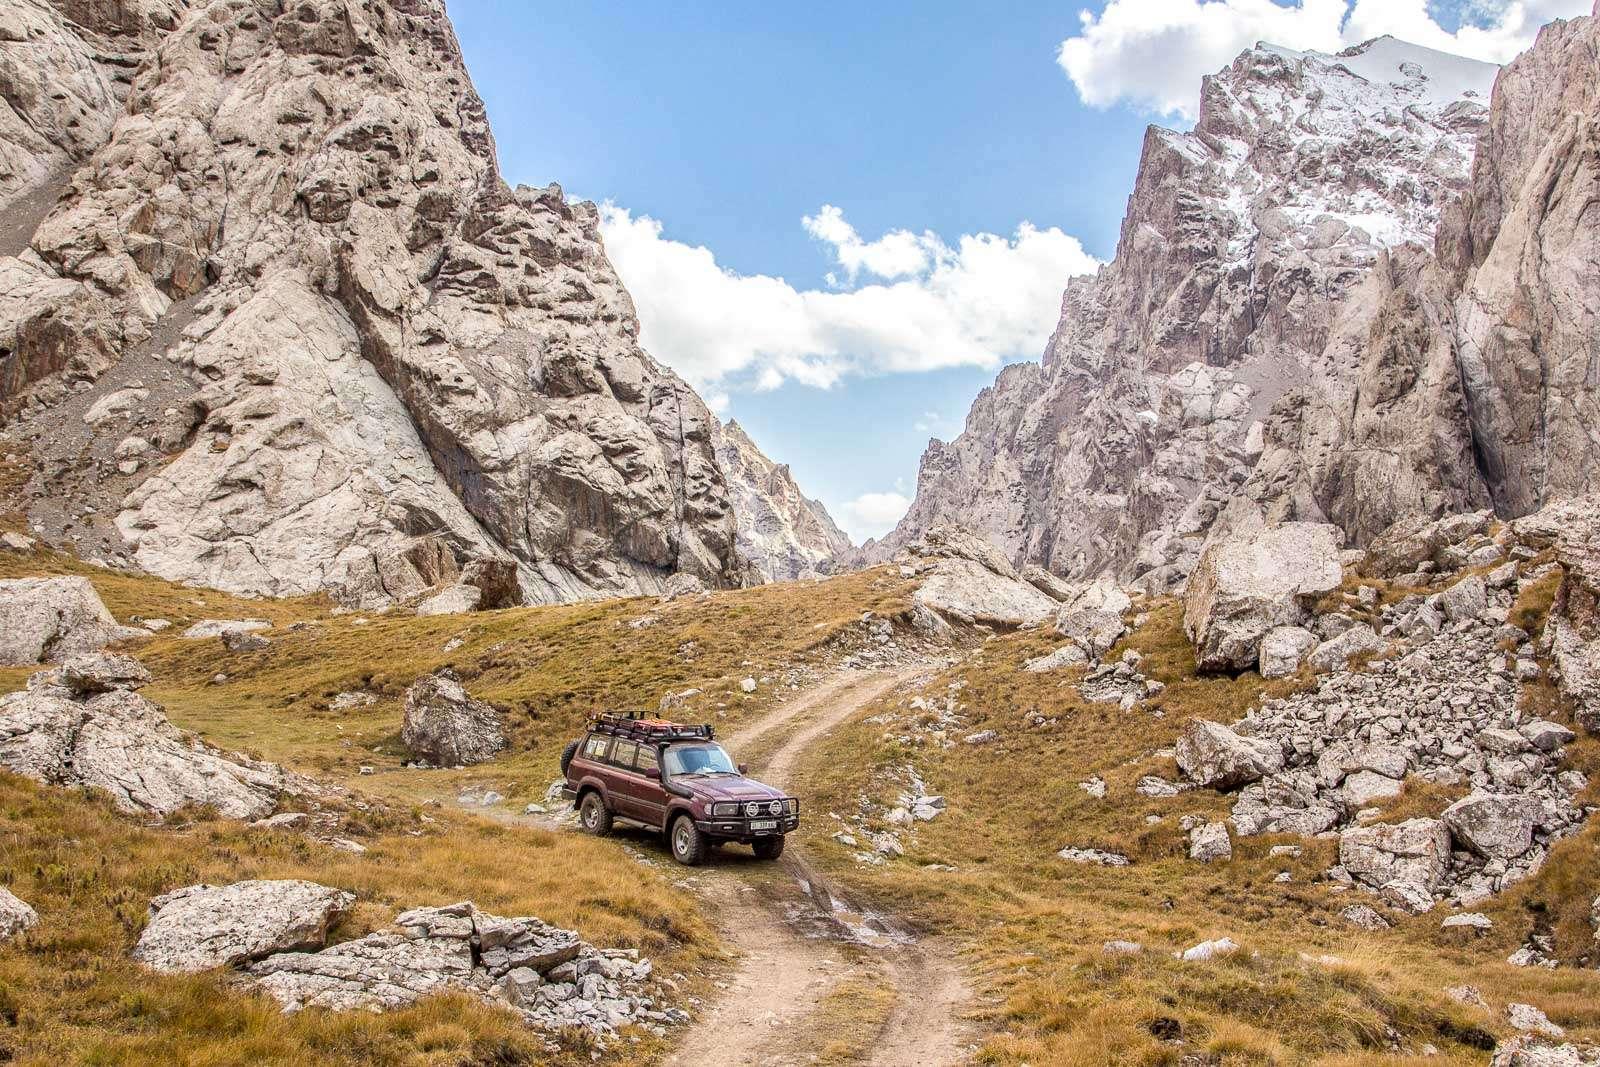 Kyrgystan 4x4 tours